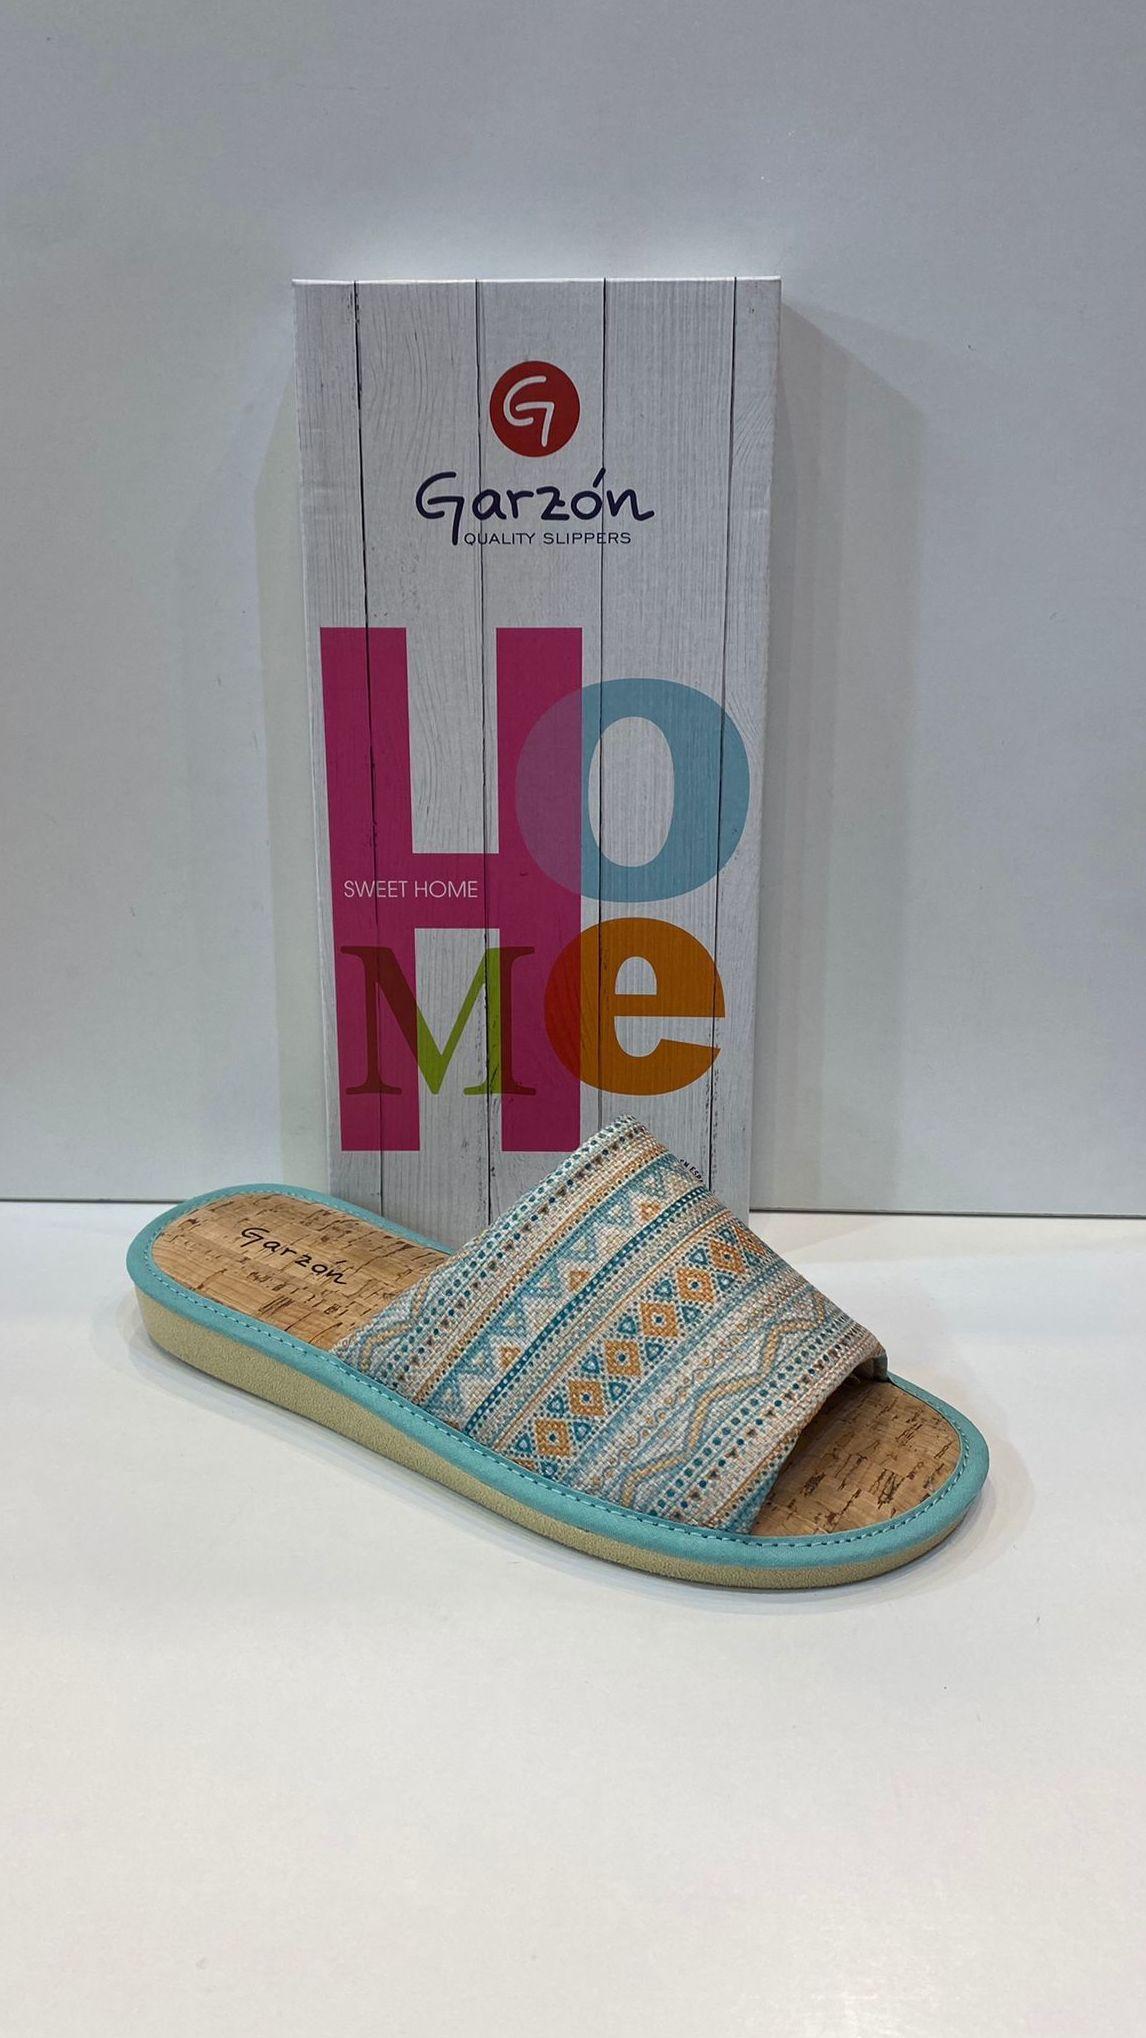 Espardenya de dona, de la marca Garzón, de fibra de bambú antialèrgica, sola de microporós especial parquet 24€